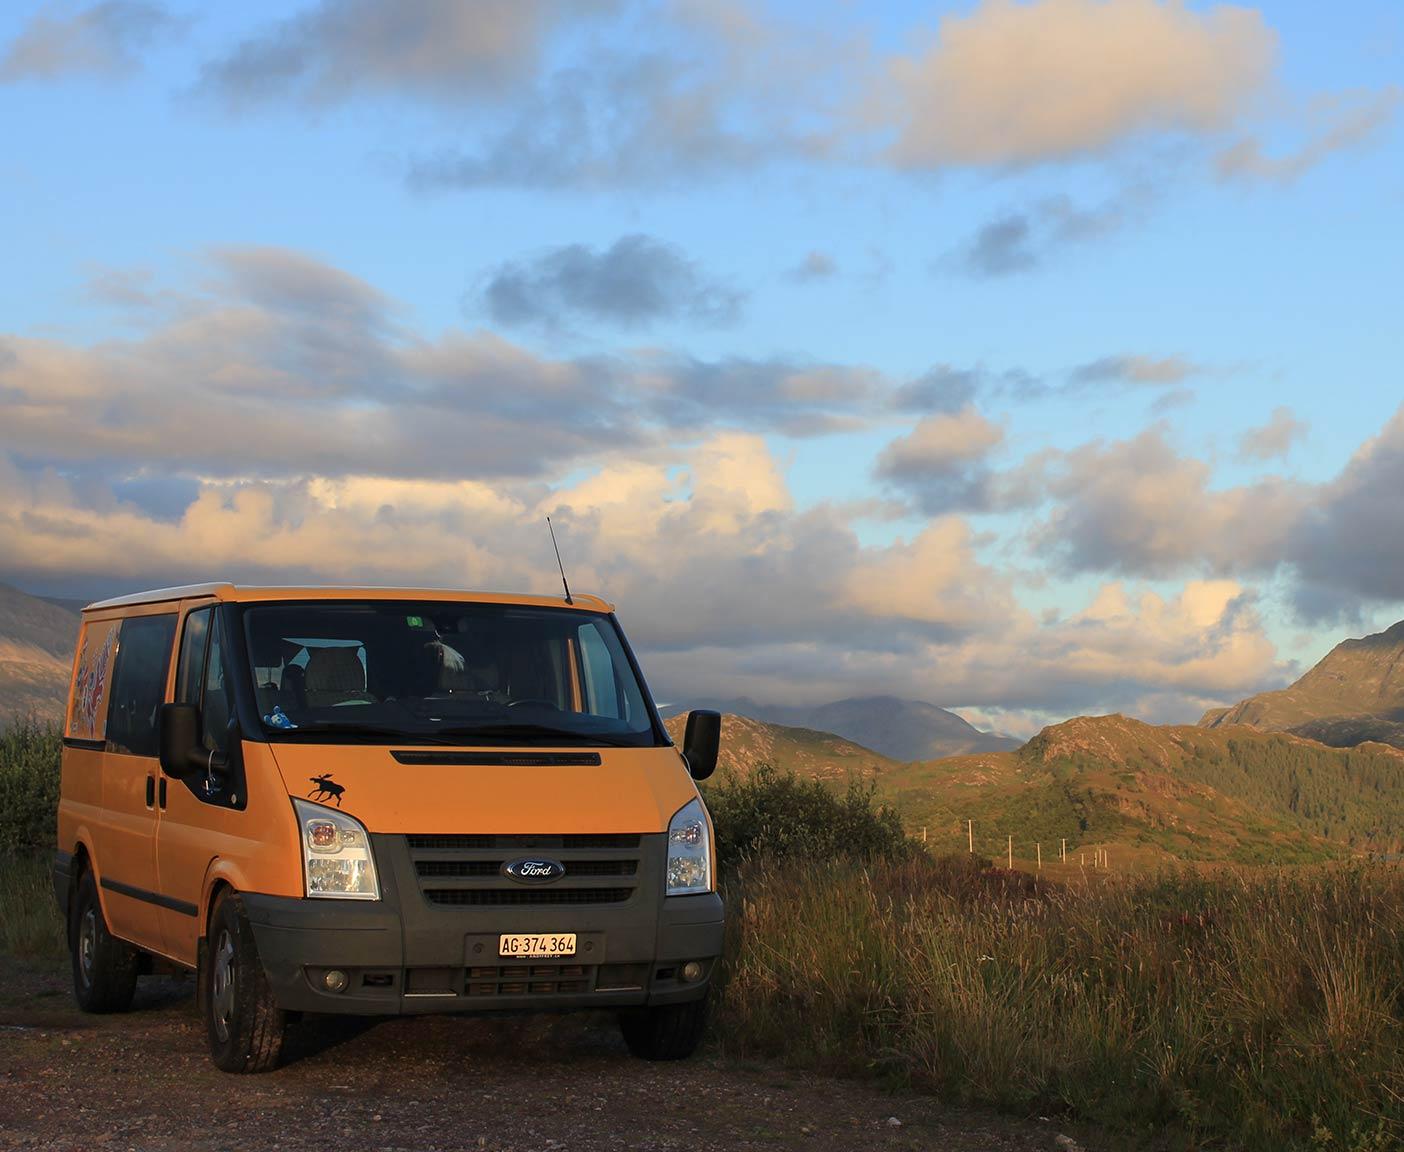 Ford-transit-kastenwagen-van-camper-vanlife-modelle